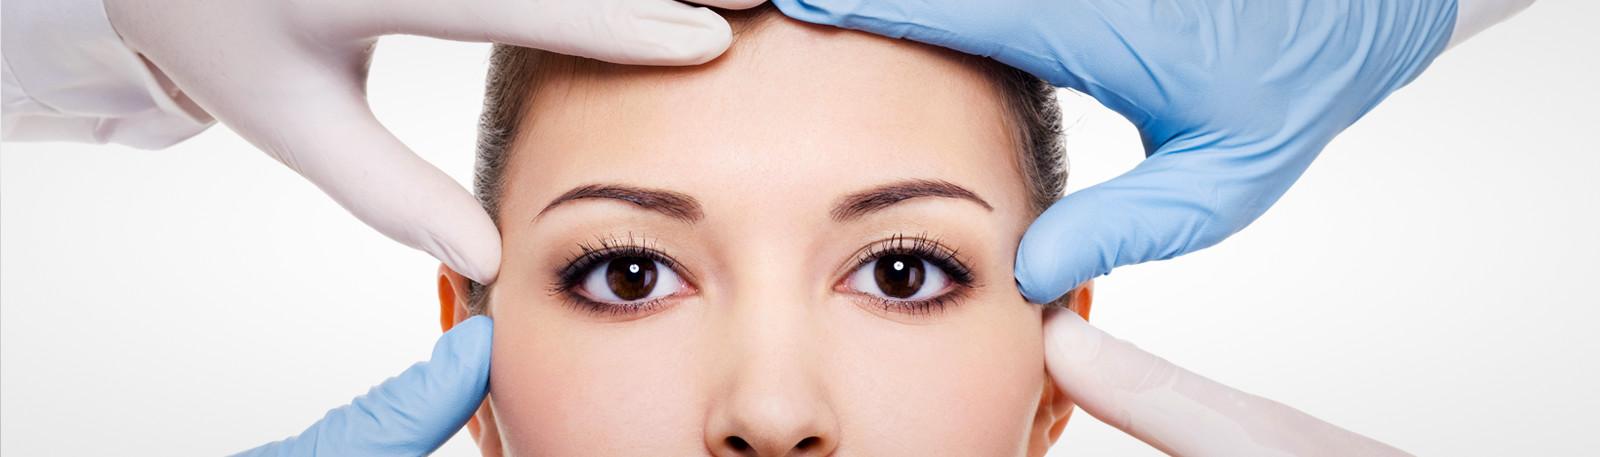 Wypełnianie i redukcja zmarszczek wokół oczu nici liftingujące klinika miracki warszawa medycyna estetyczna ceny opinie eksperci działanie super efekt